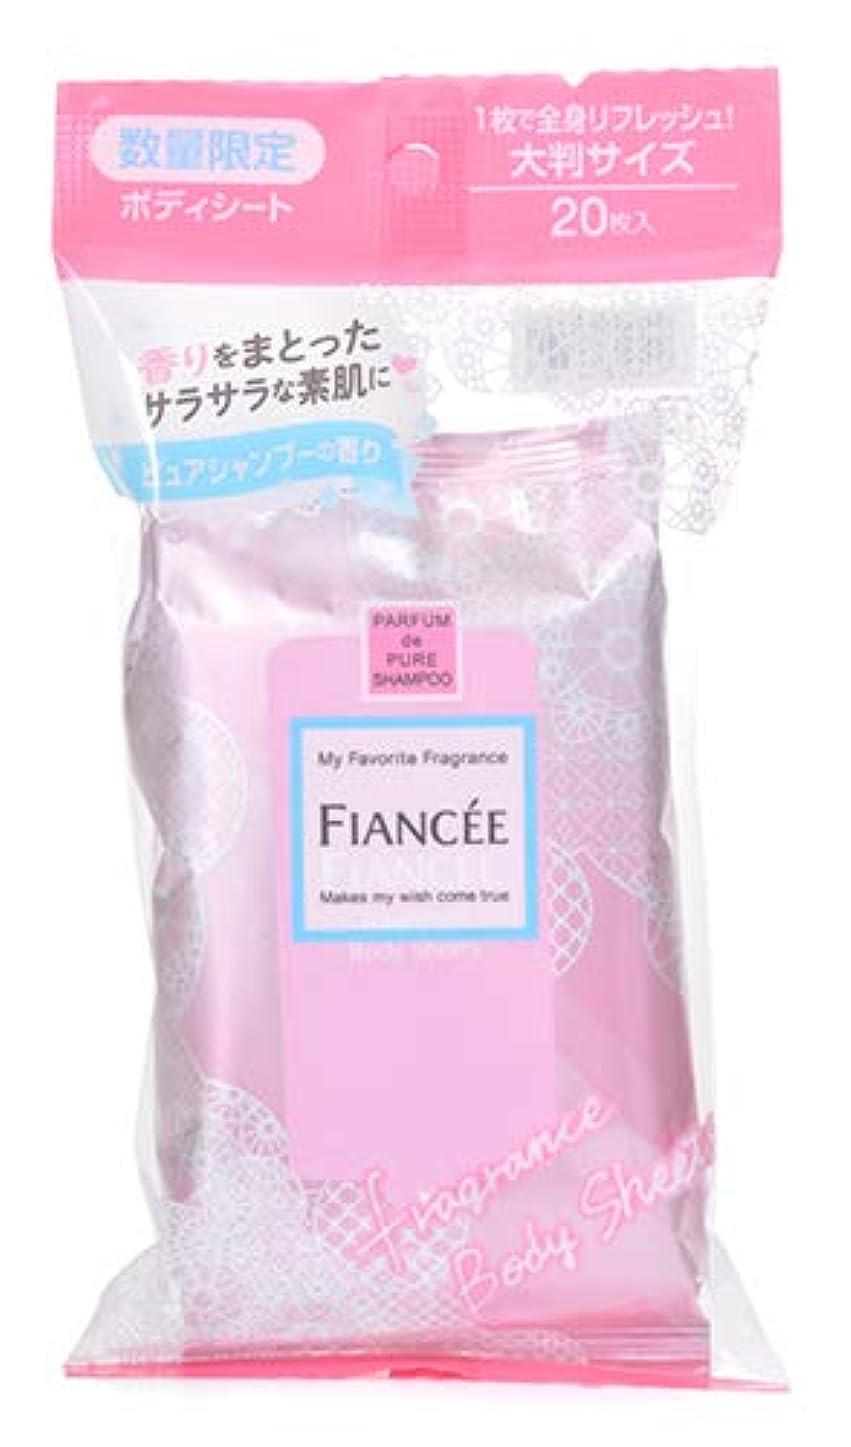 カルシウムふつう好きであるフィアンセ フレグランスボディシート ピュアシャンプーの香り 20枚入り 数量限定